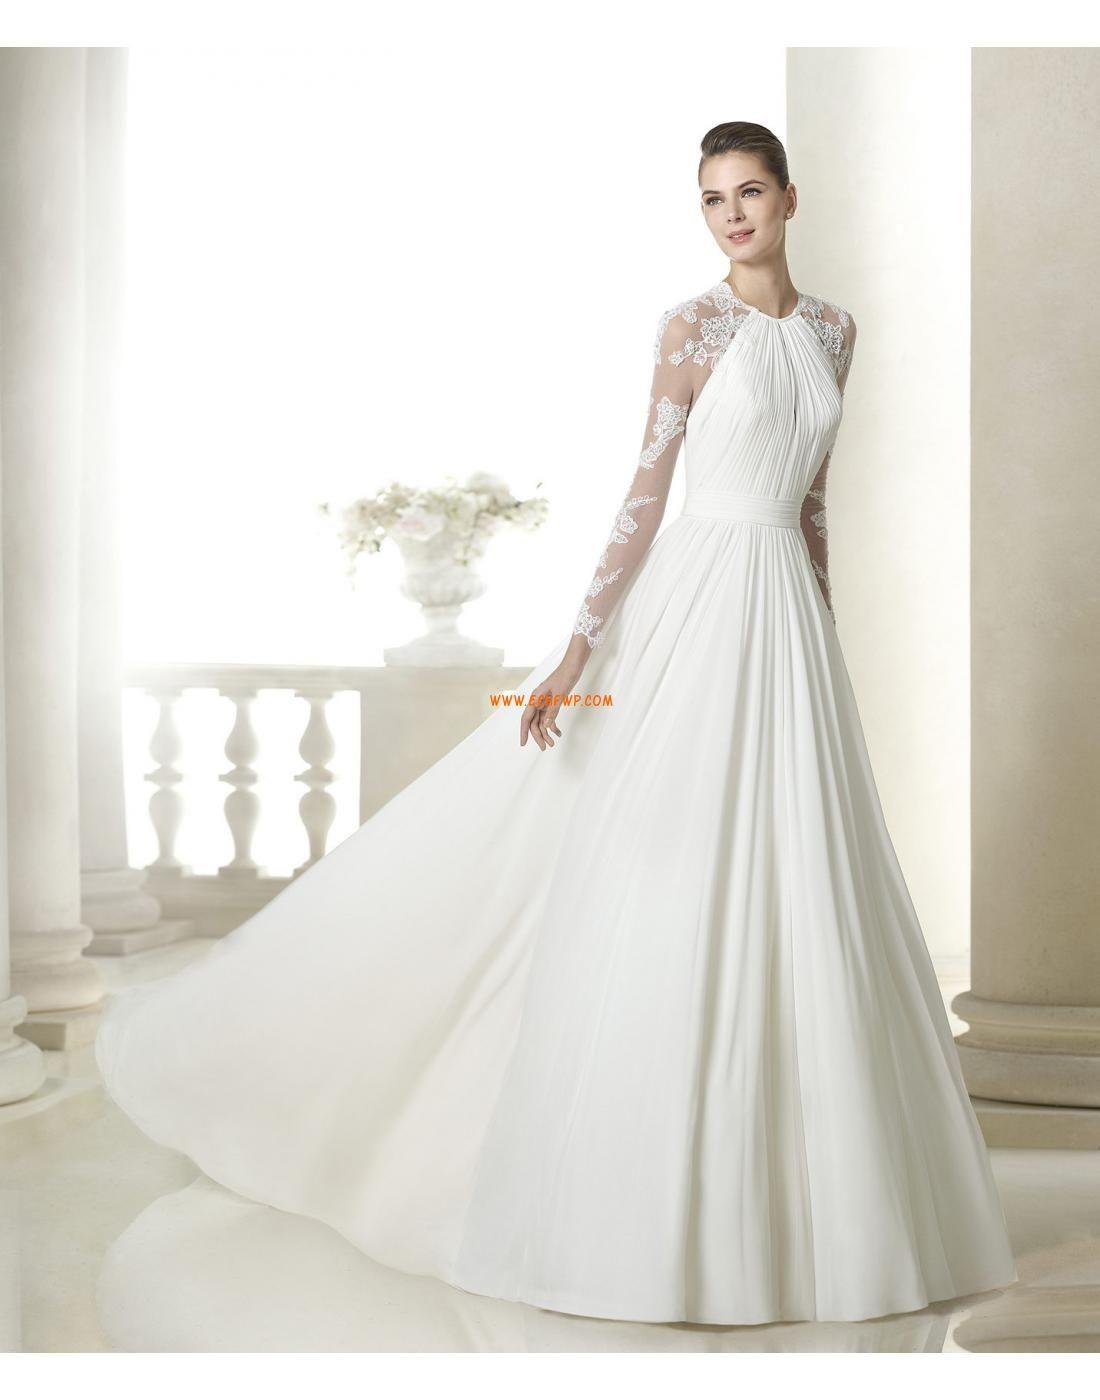 Chiffon Lange Ärmel Natürlich Brautkleider 2015 | dresses ...